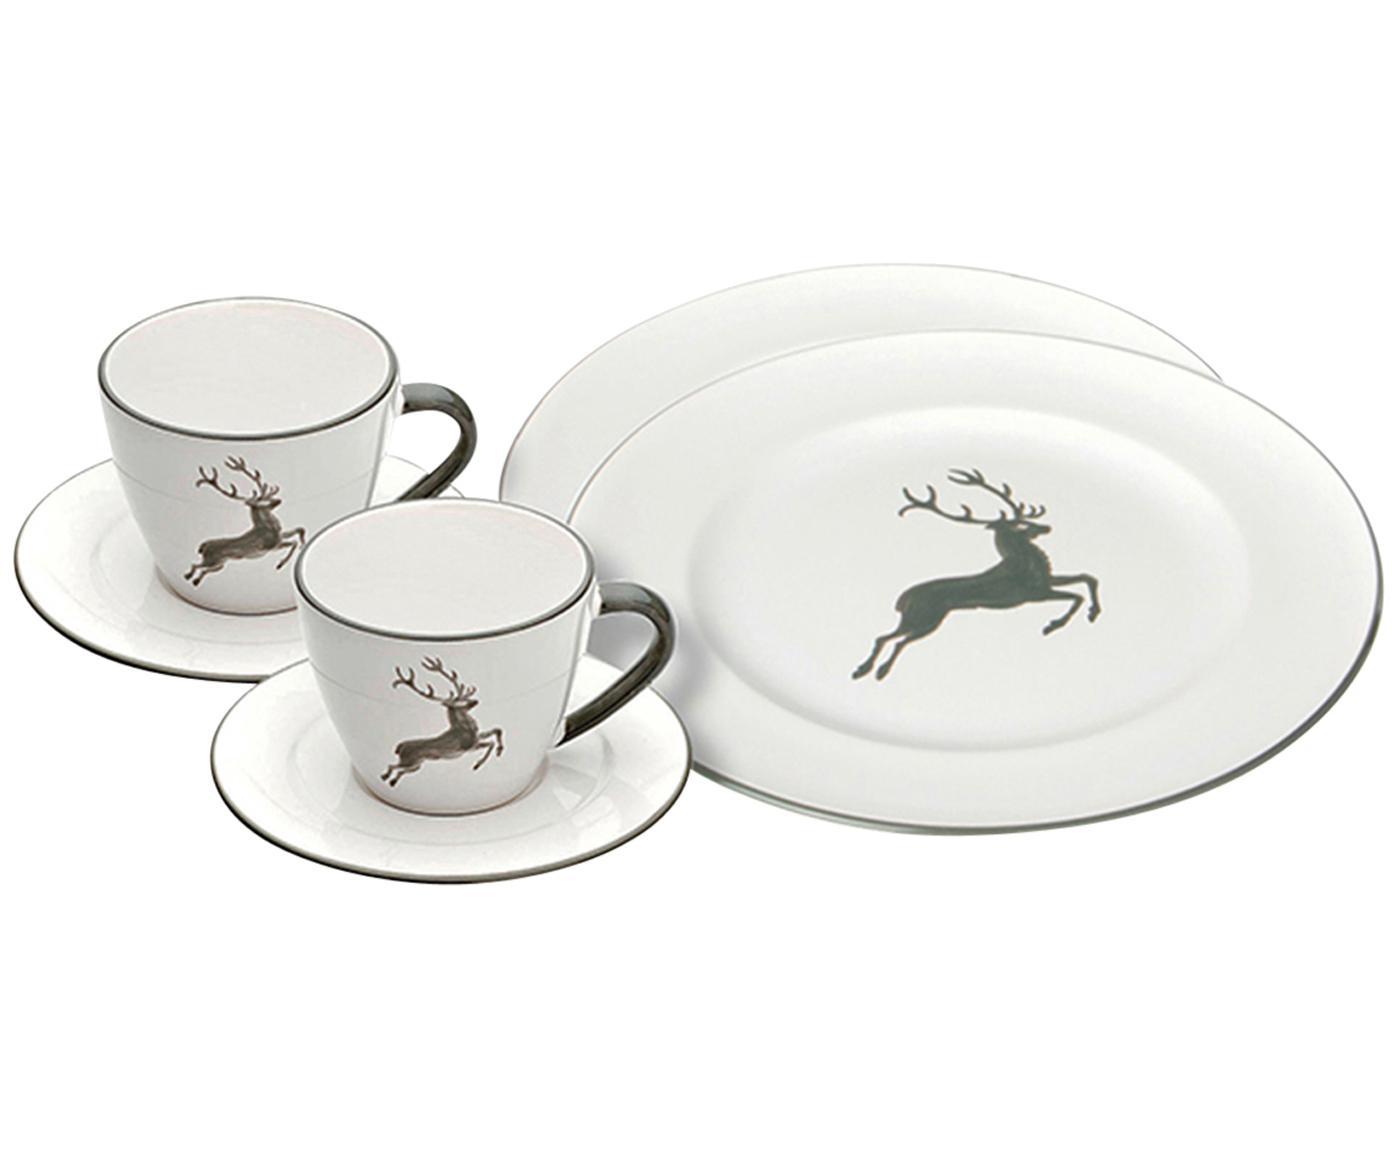 Servizio da caffè dipinto a mano Gourmet Grauer Hirsch 6 pz, Ceramica, Grigio, bianco, Diverse dimensioni